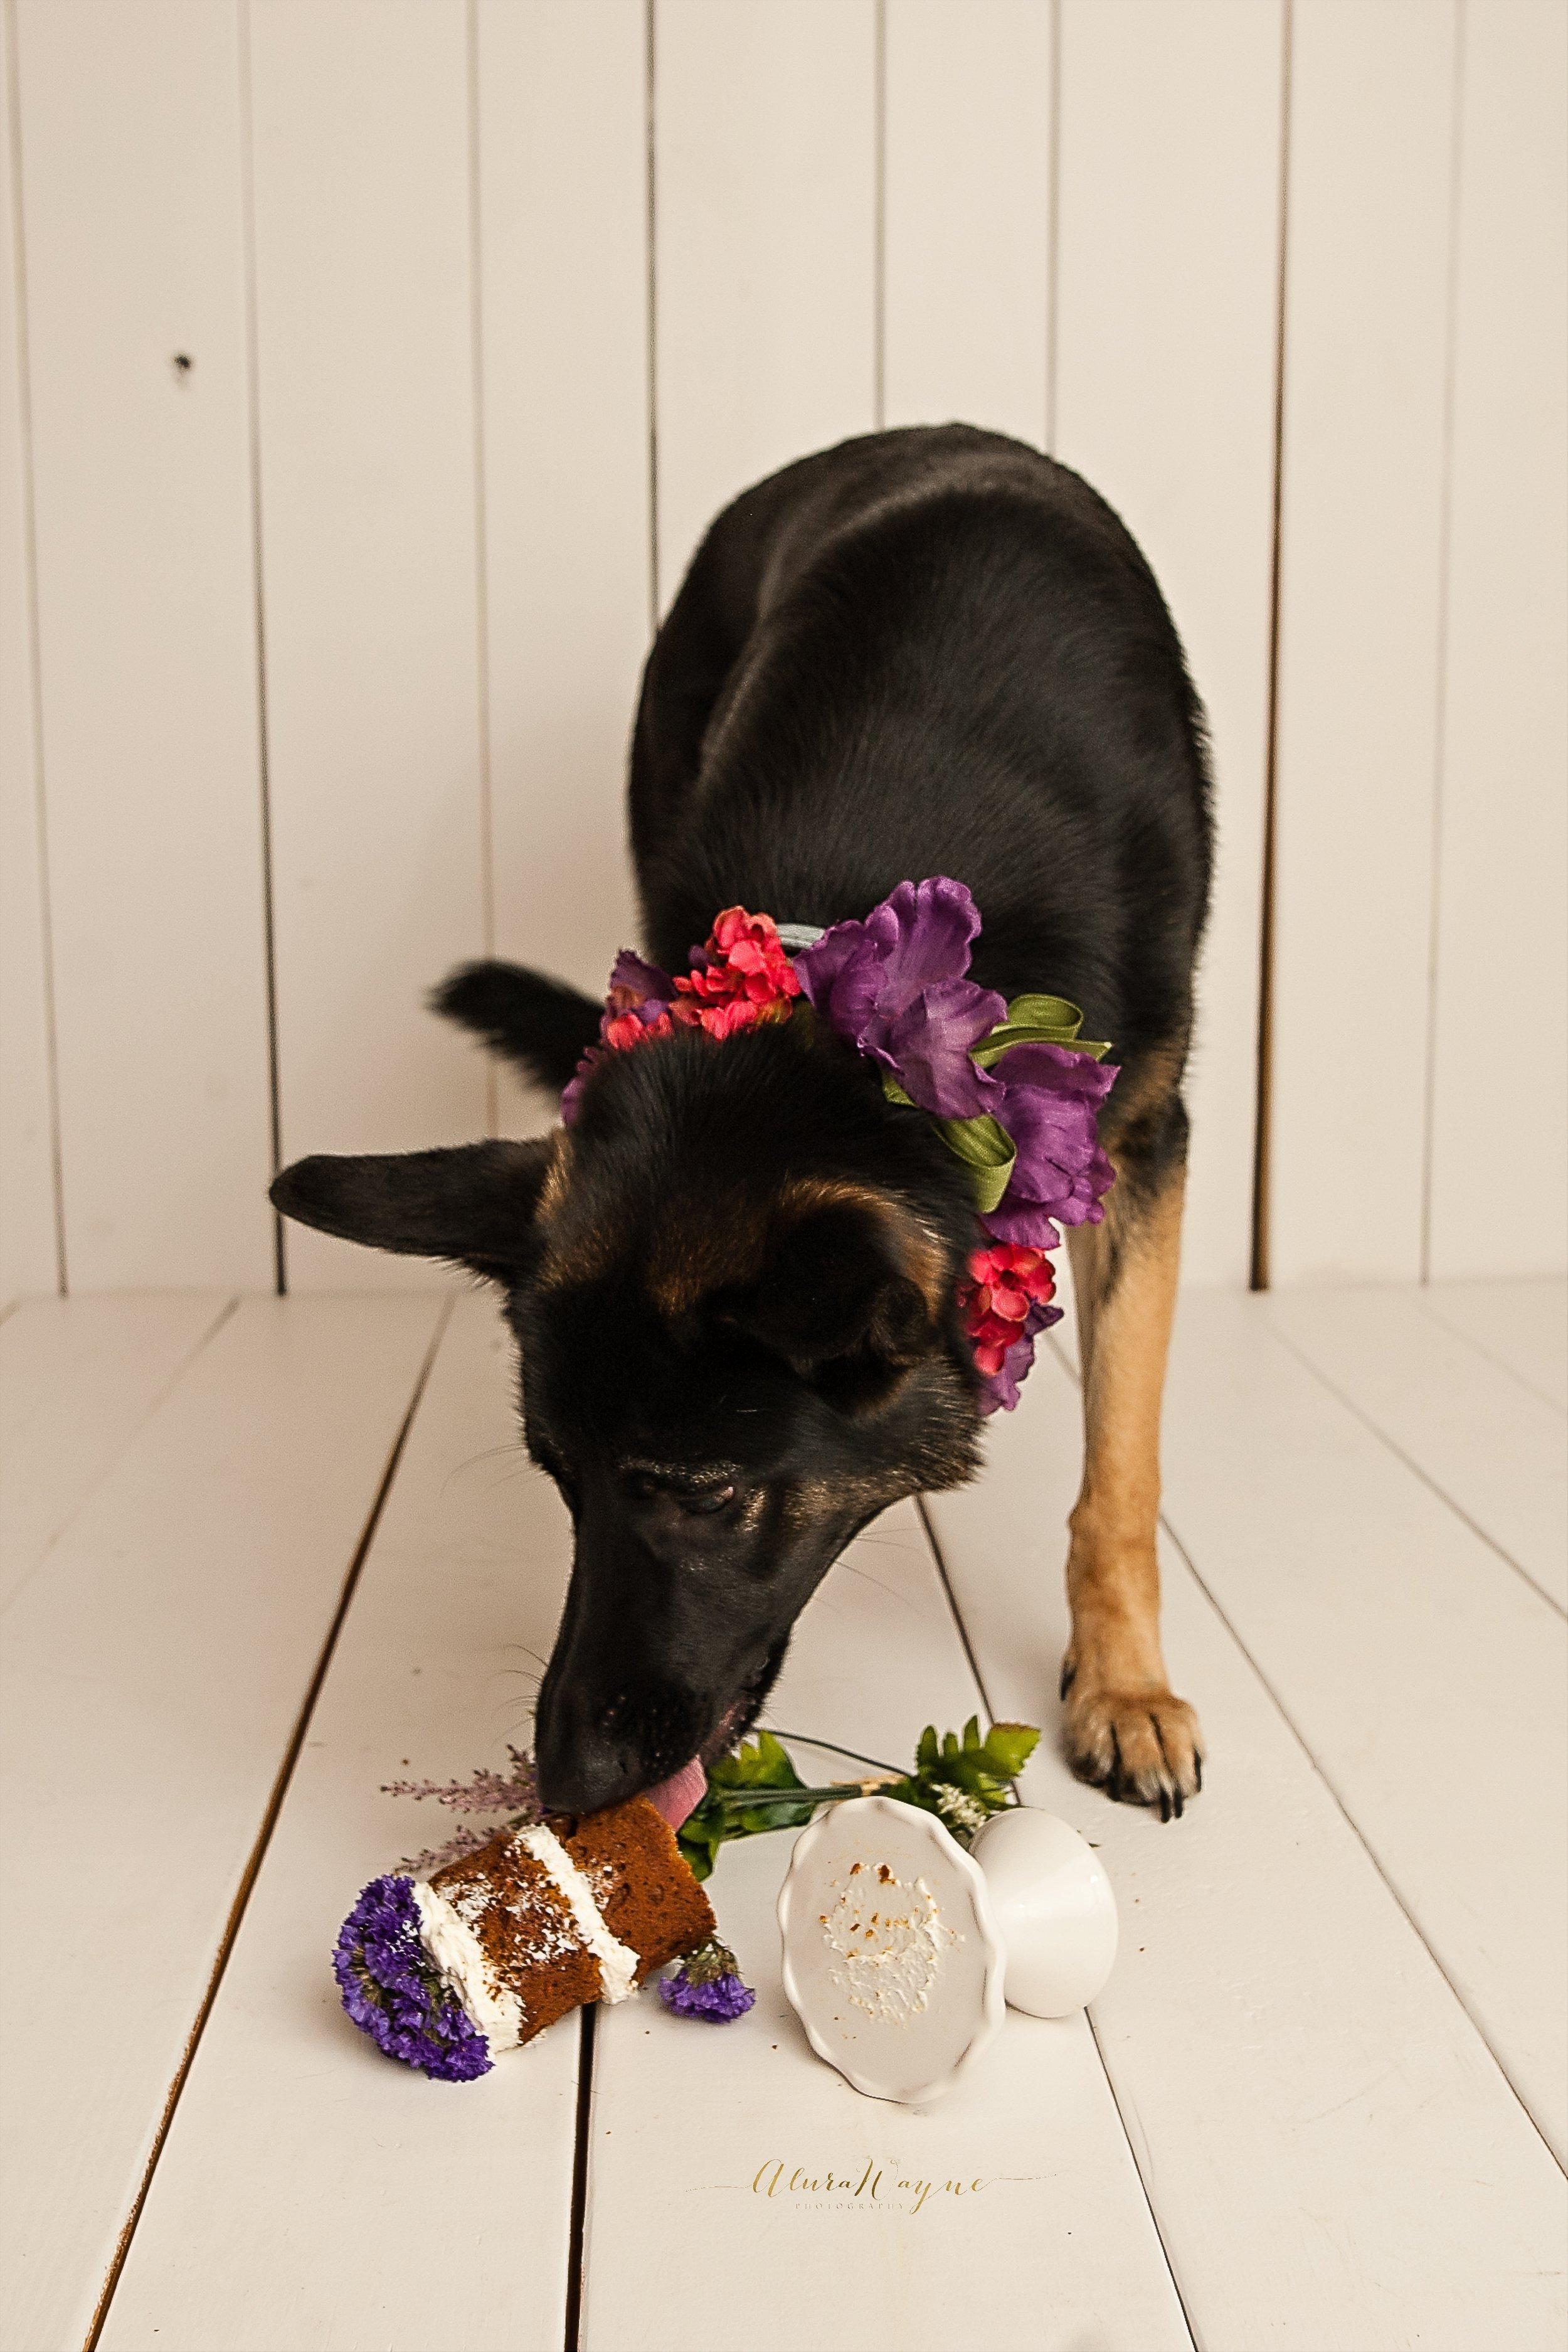 nashville photographers | dog cake smash | alurawayne photography